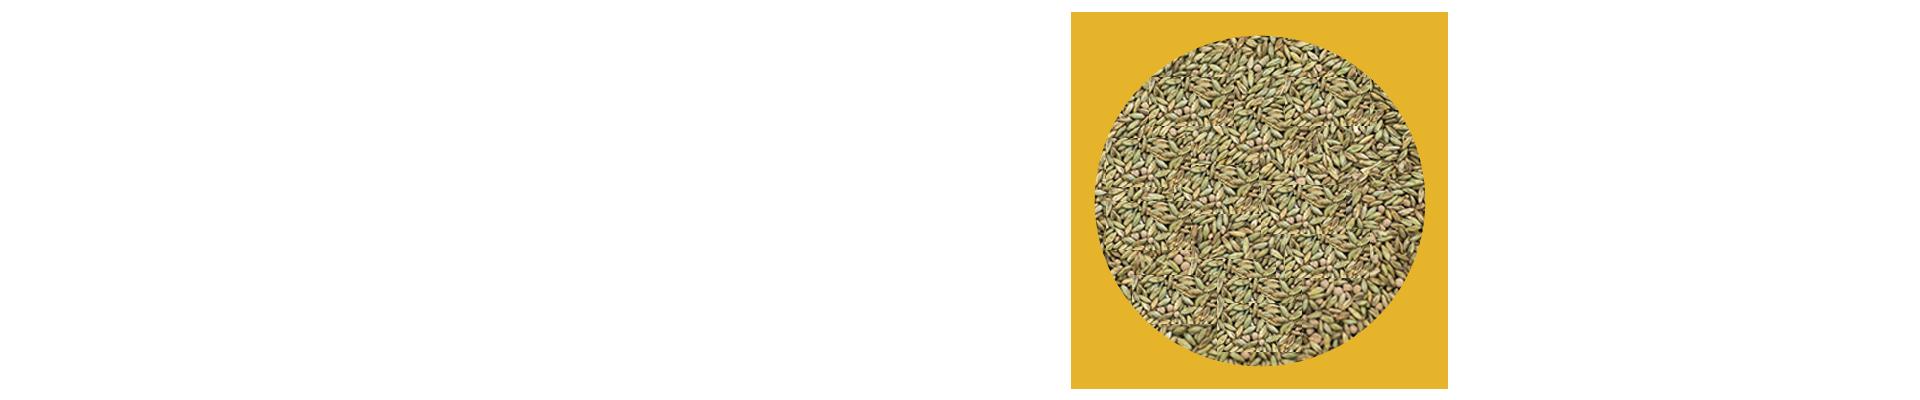 O Panicum maximum cv. Mombaça da Mineirão Sementes é conhecido mundialmente por sua alta produtividade e qualidade, porém, esse capim é exigente em fertilidade do solo. O manejo mais indicado para essa pastagem é o rotacionado; não é indicado para dias fixos com descanso, mas sim o pastejo e descanso de acordo com a altura da forragem.